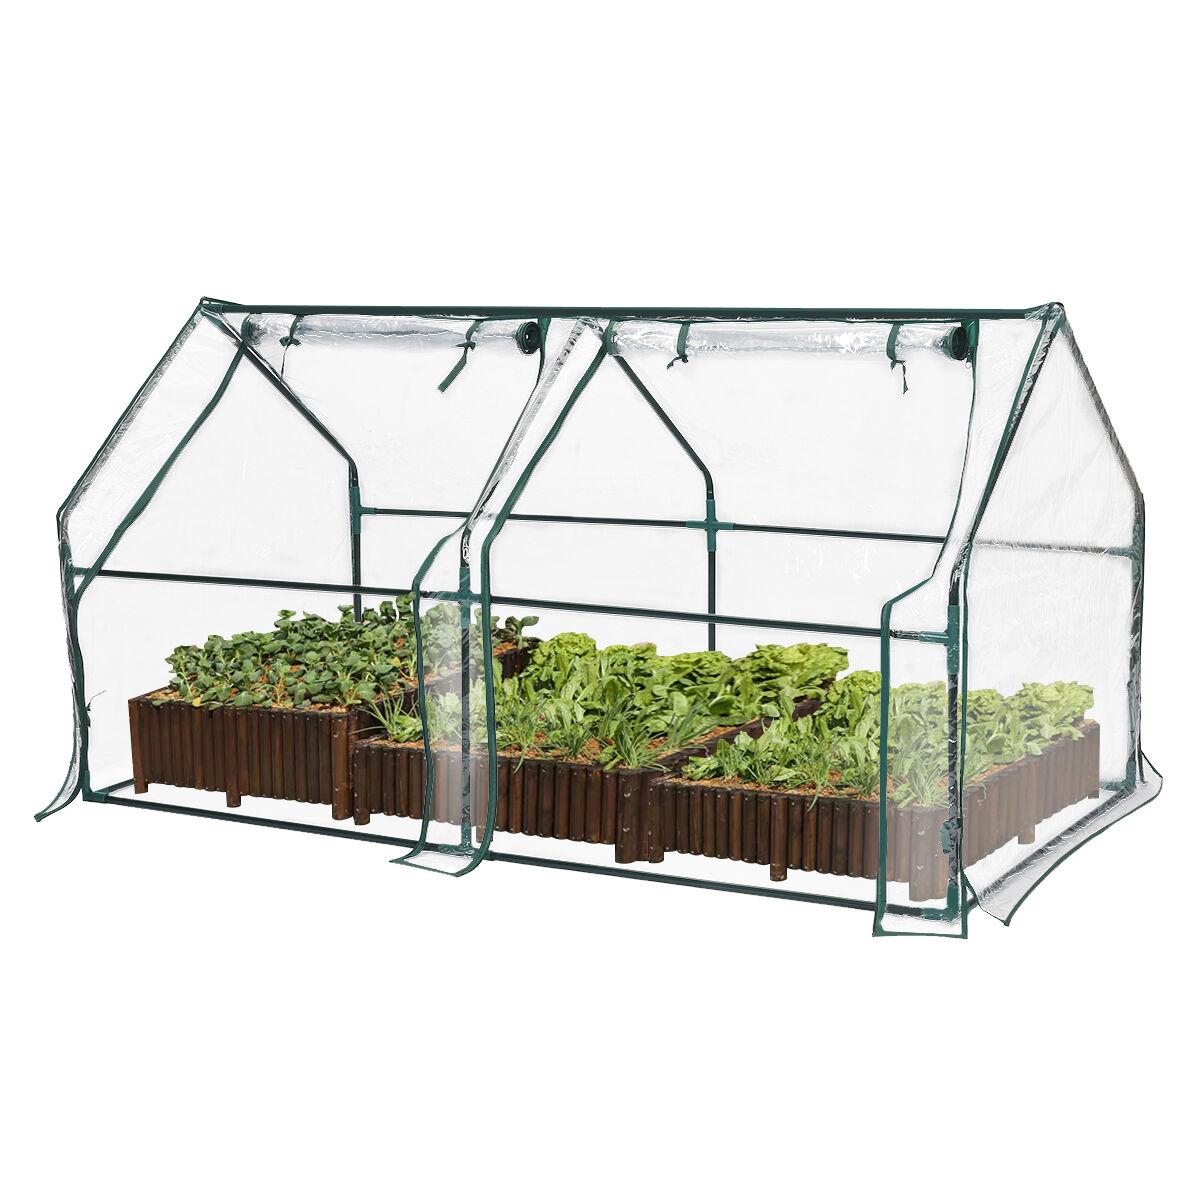 tooca Audew Mini Greenhouse For Raised Garden Bed, Indoor and Outdoor Gardens/Patios/Backyards